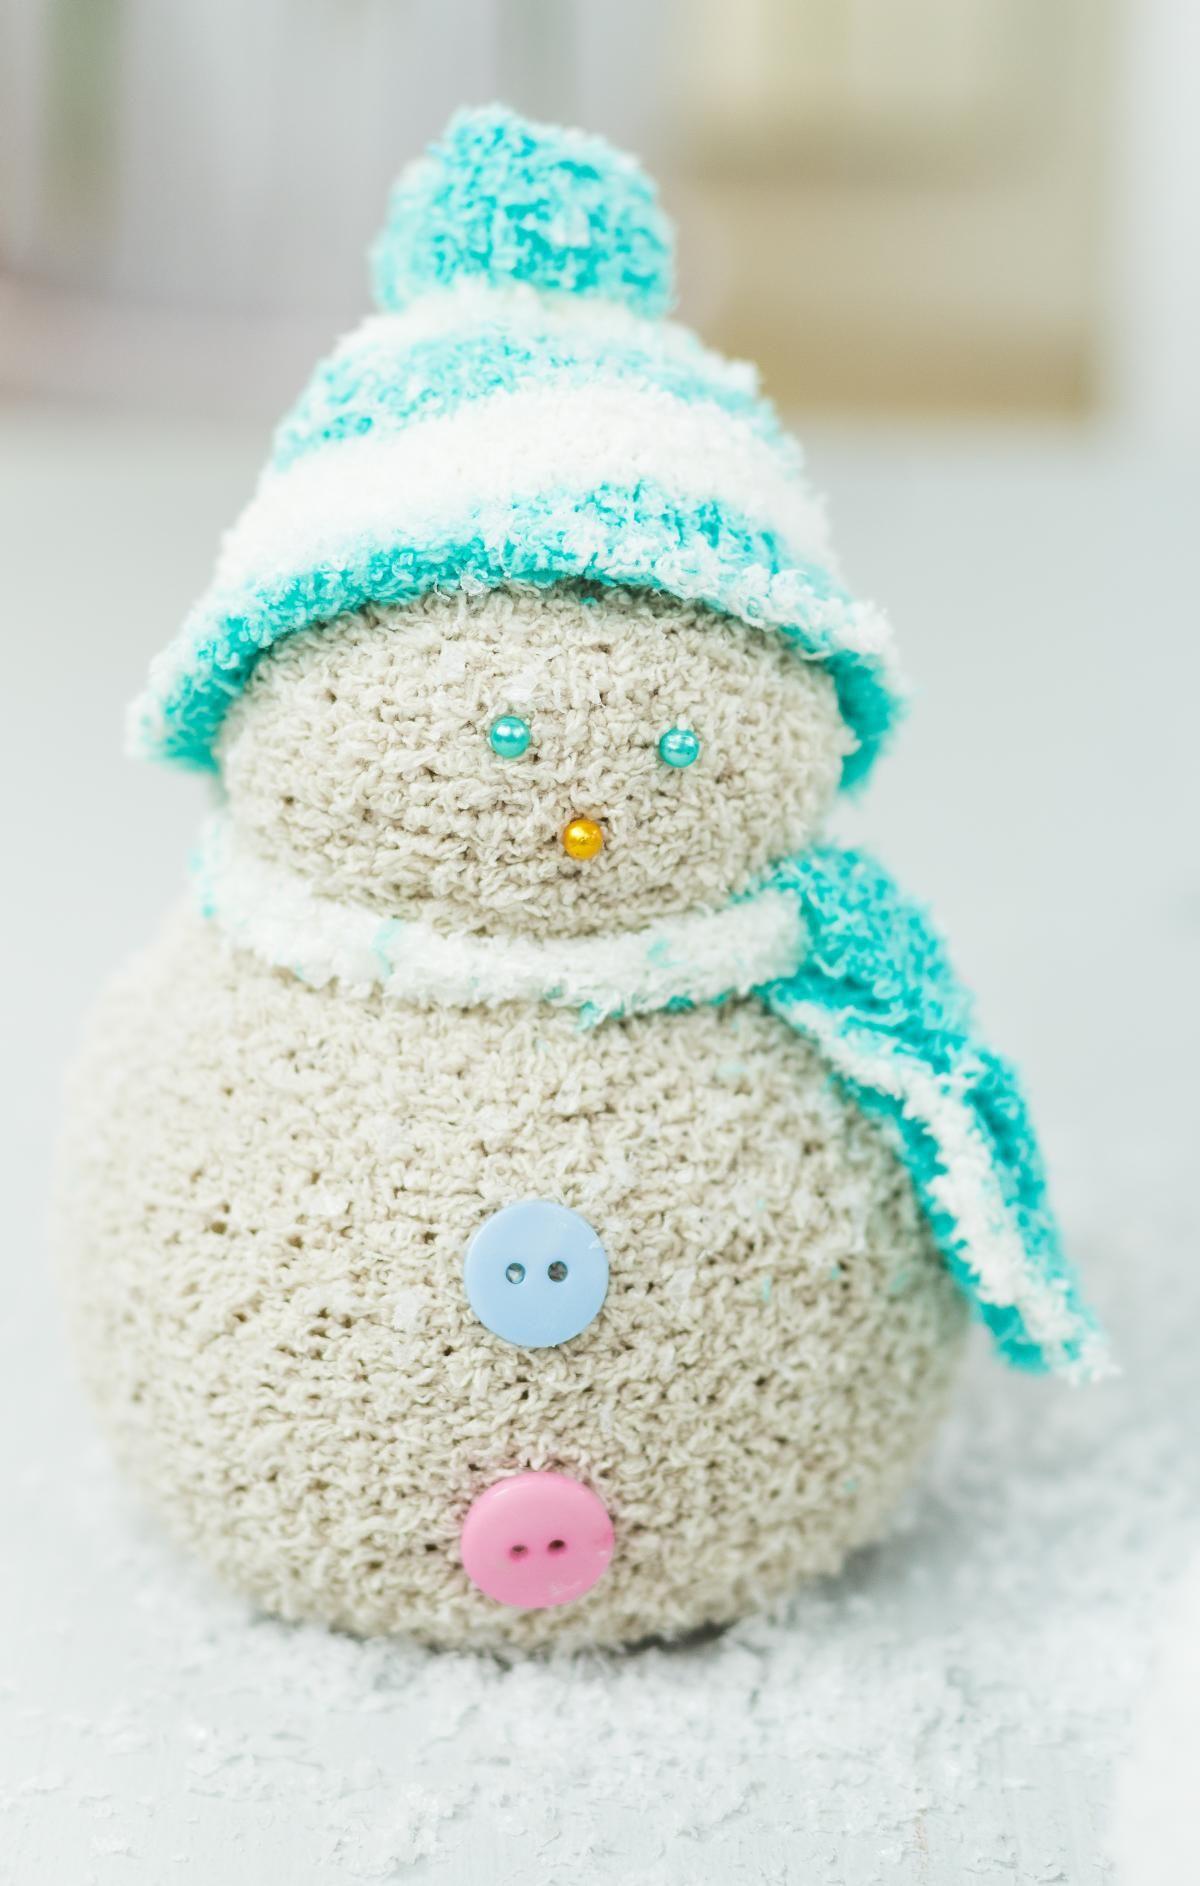 ... Schöne Winter Deko Und Tolles DIY Geschenk   Einfach Und Günstig Selber  Gemacht   Ein Echter Hingucker Im Heimischen Wohnzimmer #dekoration  #schneemann